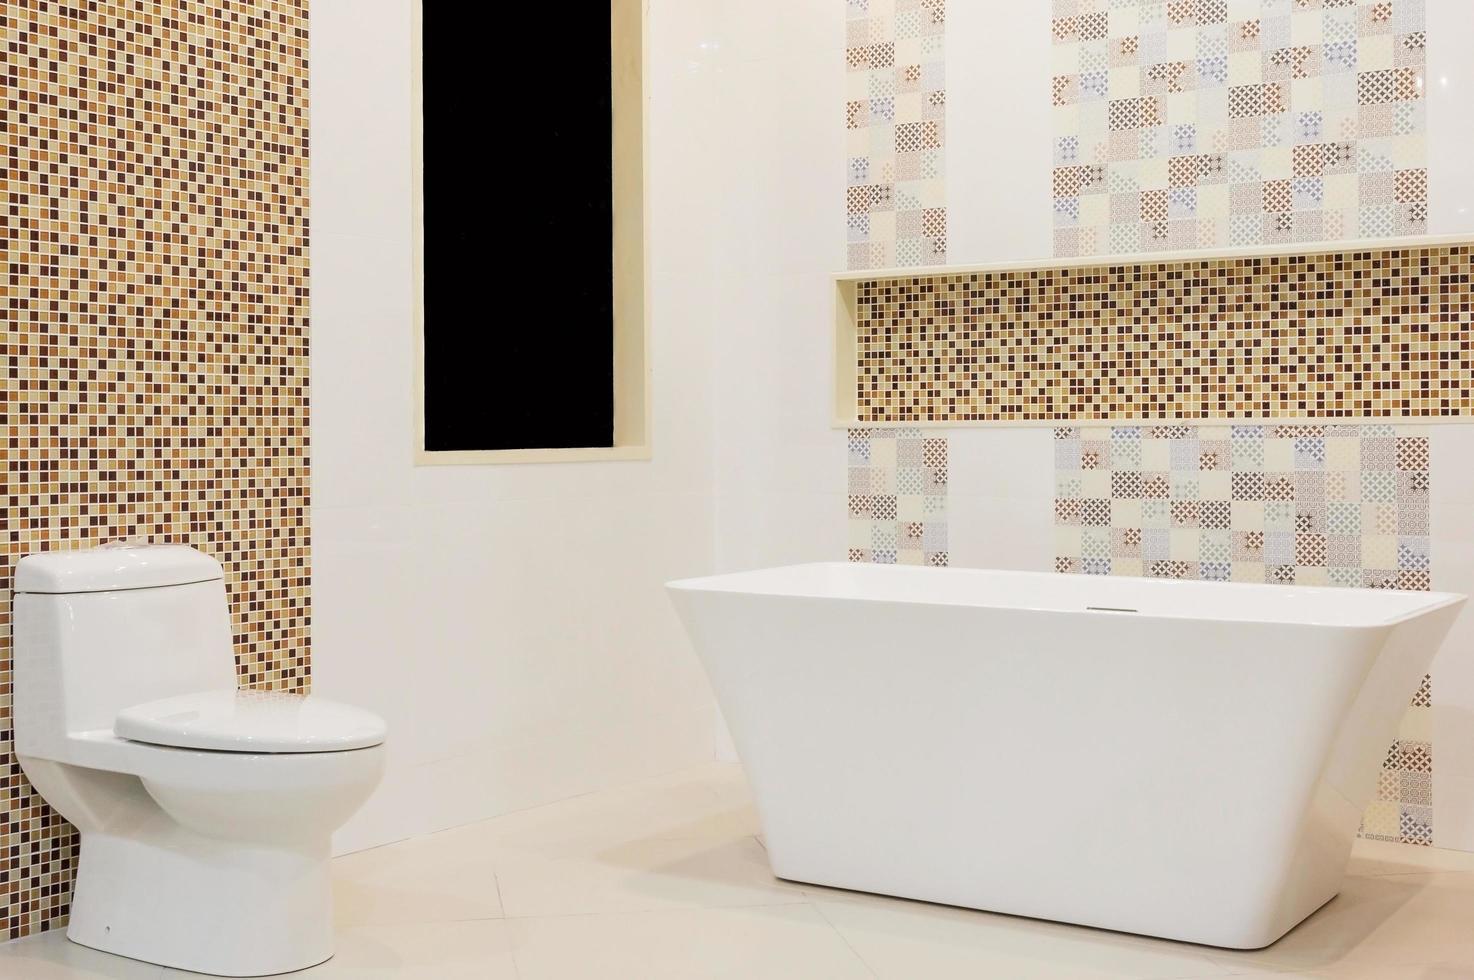 luxe wit badkamerinterieur met witte tegels, spiegel, een wastafel en een wit bad. concept van ontspanning. foto